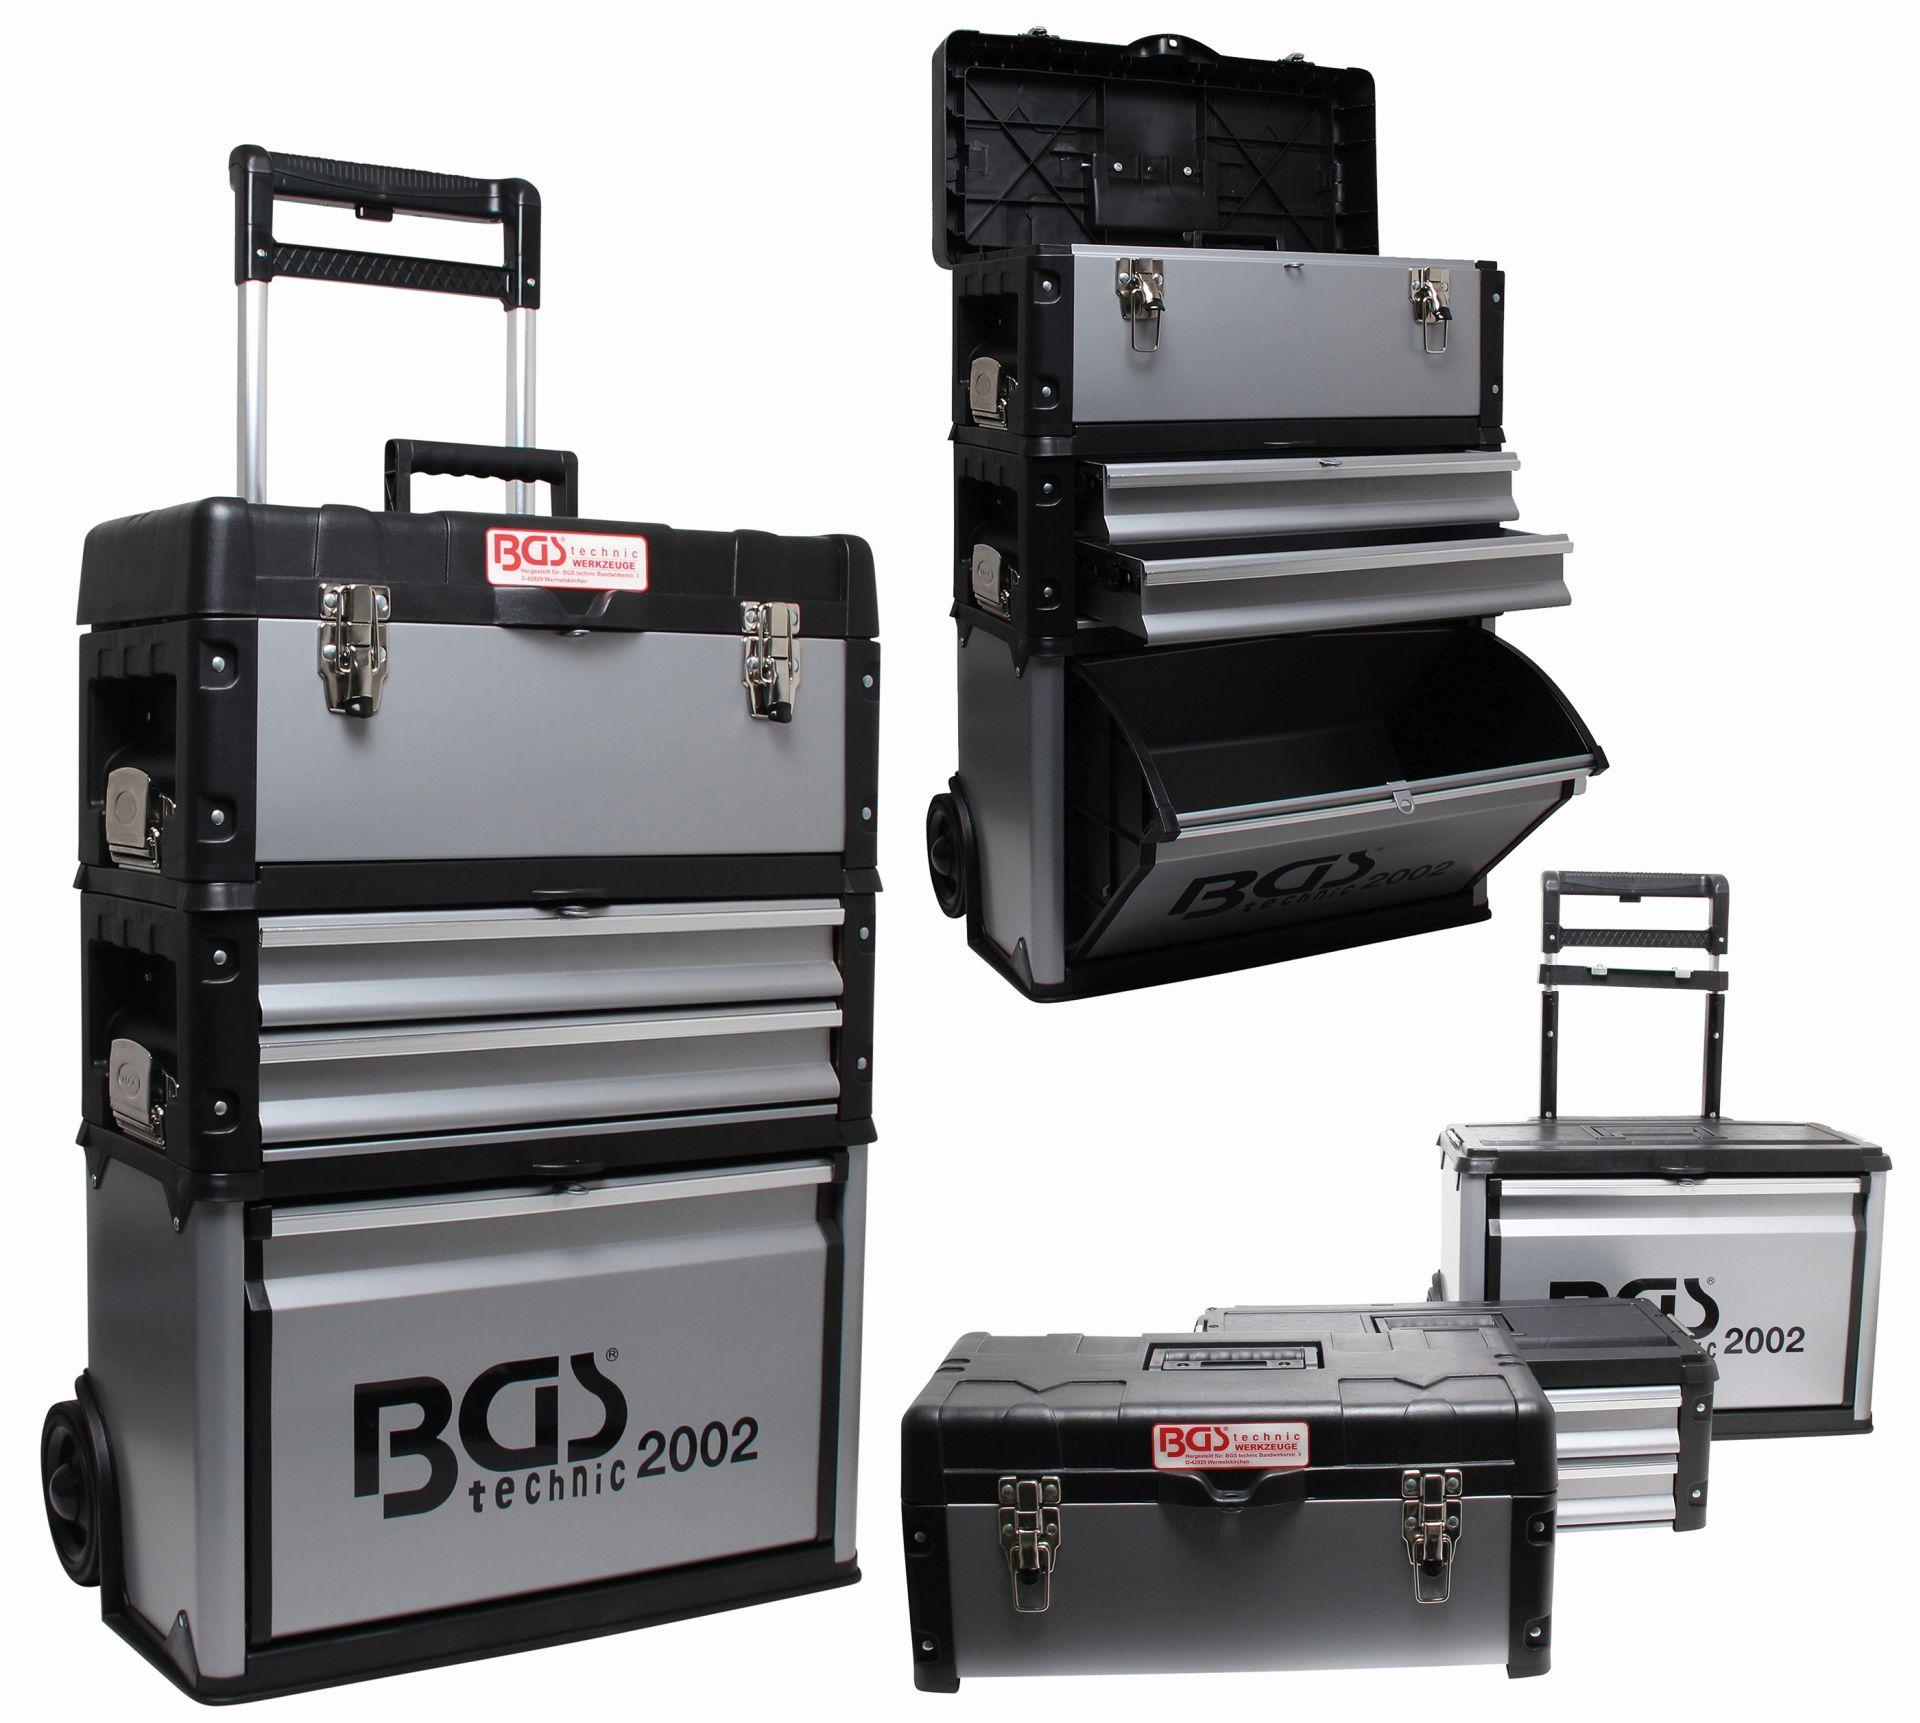 bgs montagewagen werkzeugkiste alu mit rollen werkzeugwagen box werkzeugkasten ebay. Black Bedroom Furniture Sets. Home Design Ideas